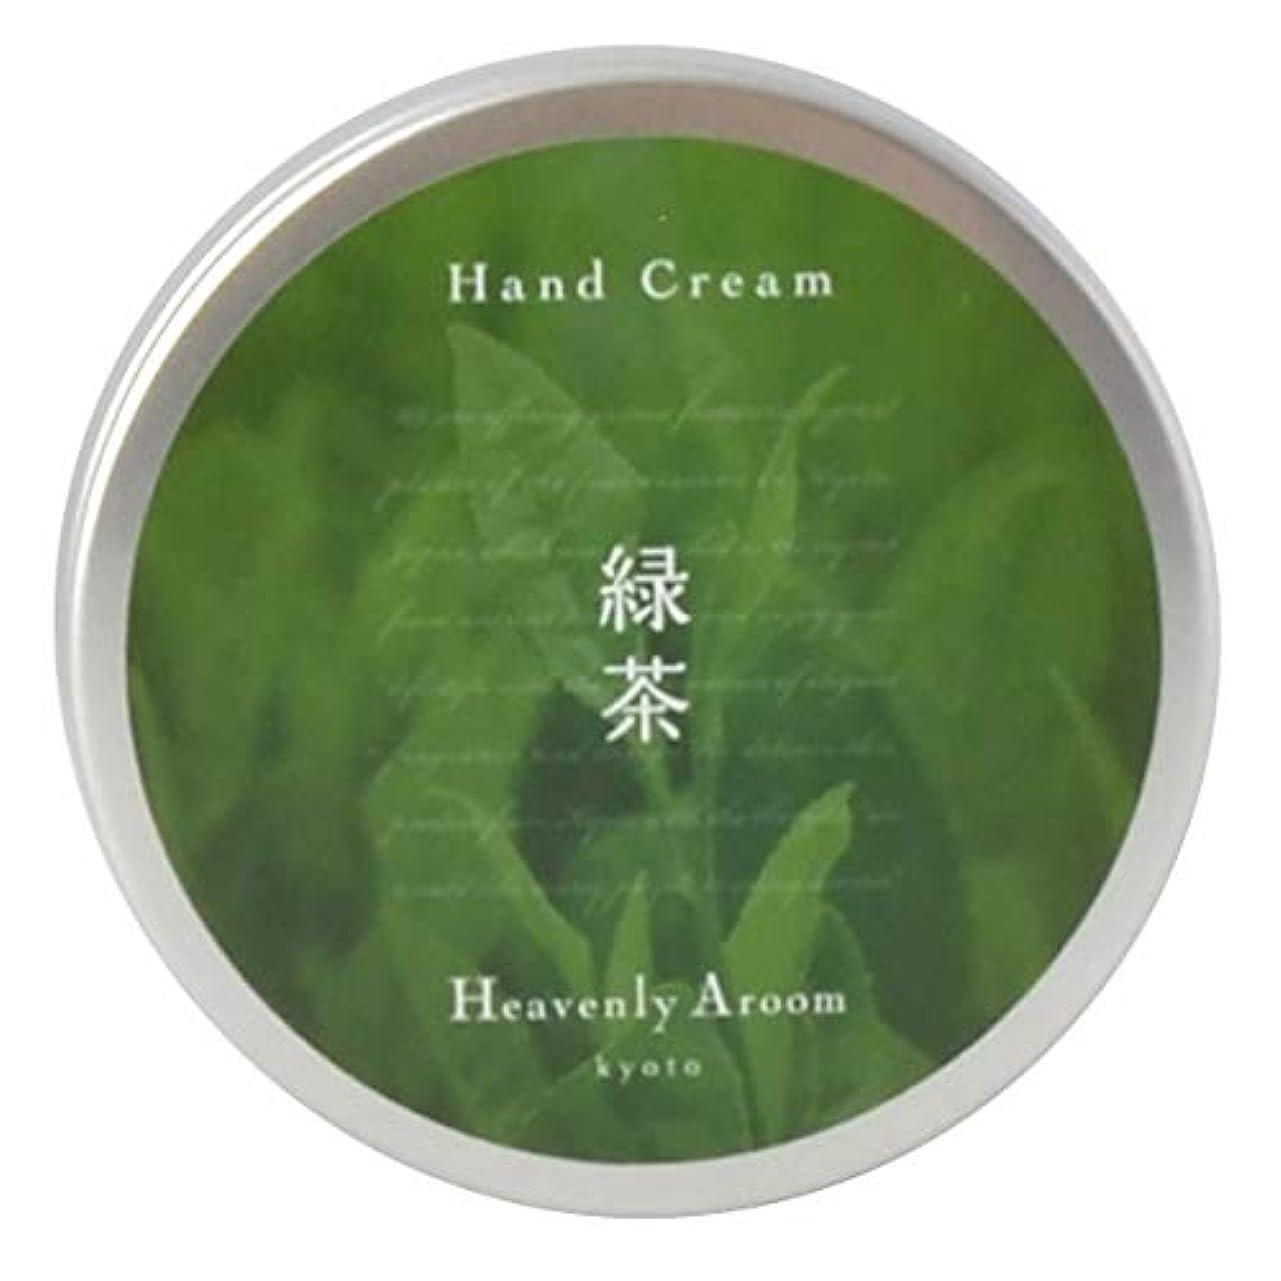 感謝するイチゴプロットHeavenly Aroom ハンドクリーム 緑茶 75g